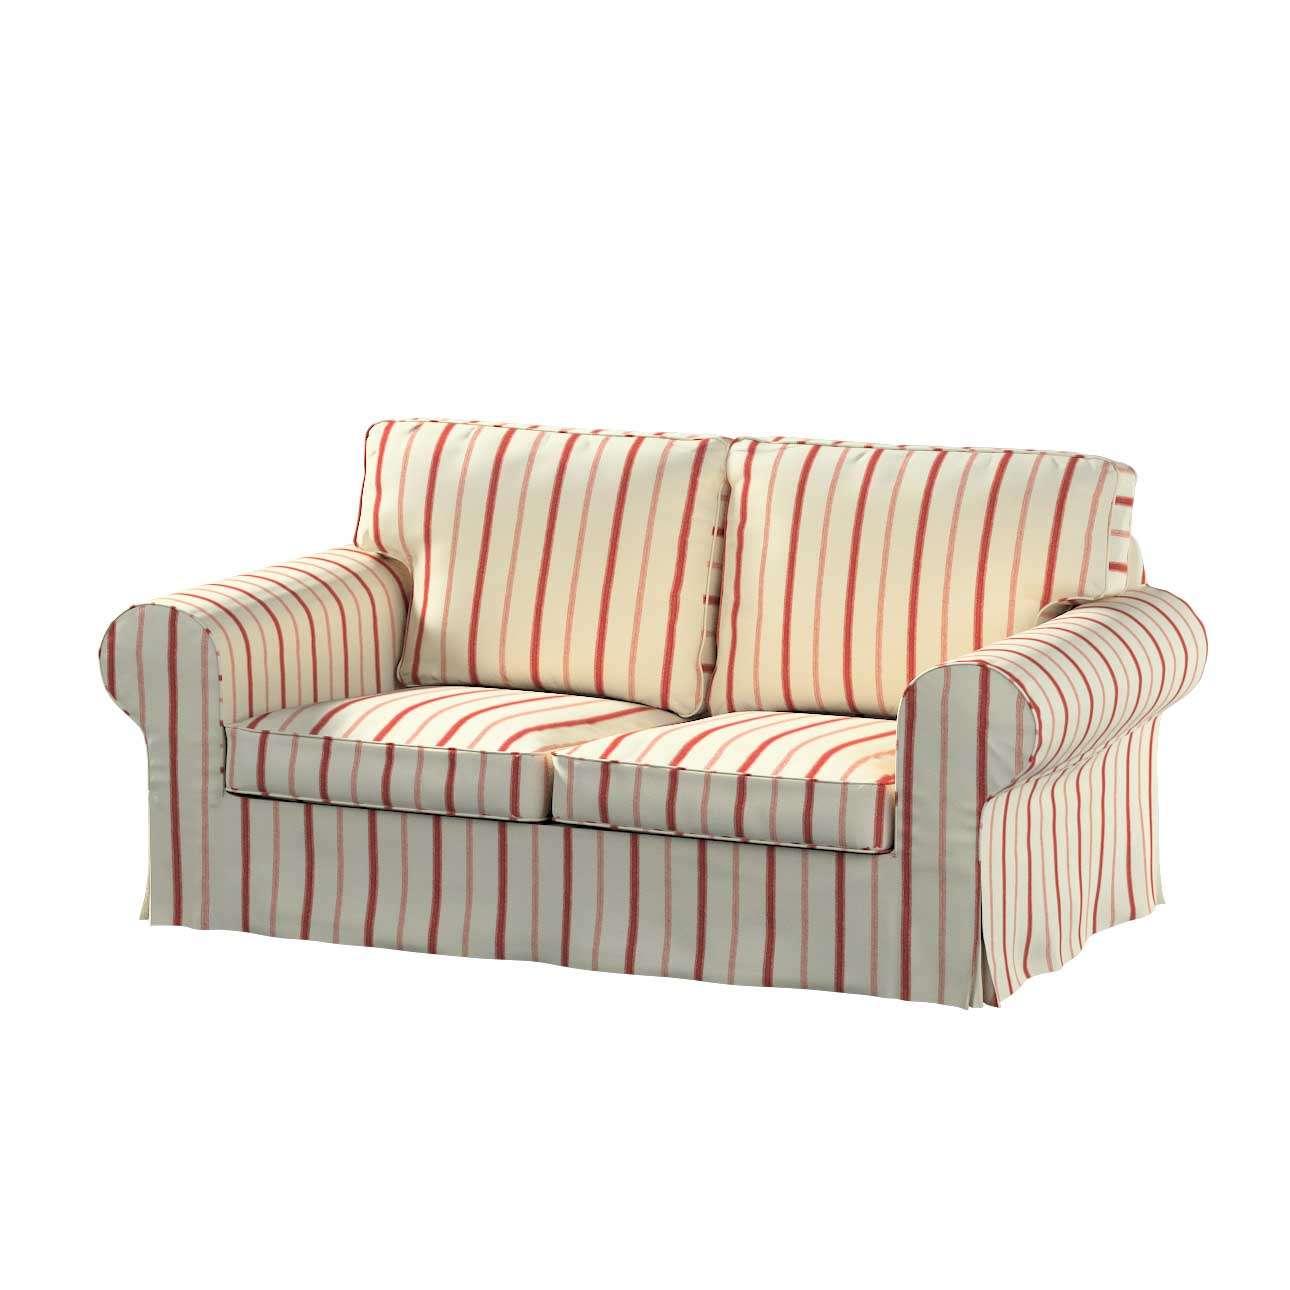 Pokrowiec na sofę Ektorp 2-osobową rozkładana NOWY MODEL 2012 w kolekcji Avinon, tkanina: 129-15